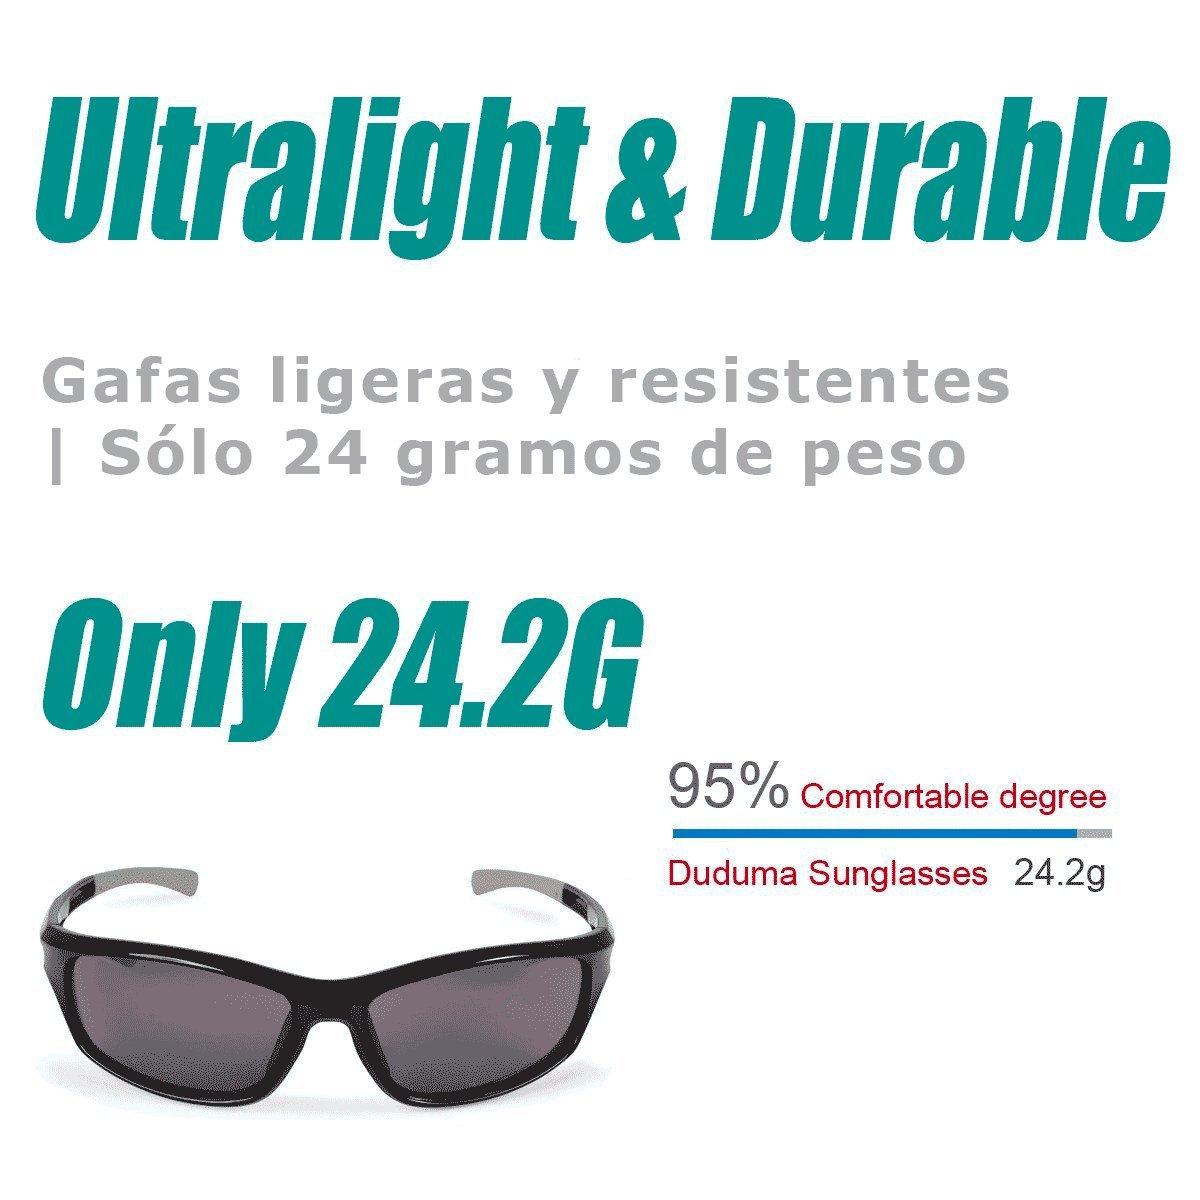 sunglasses restorer - Modelo Ordesa Gafas Ciclismo Polarizadas: Amazon.es: Deportes y aire libre